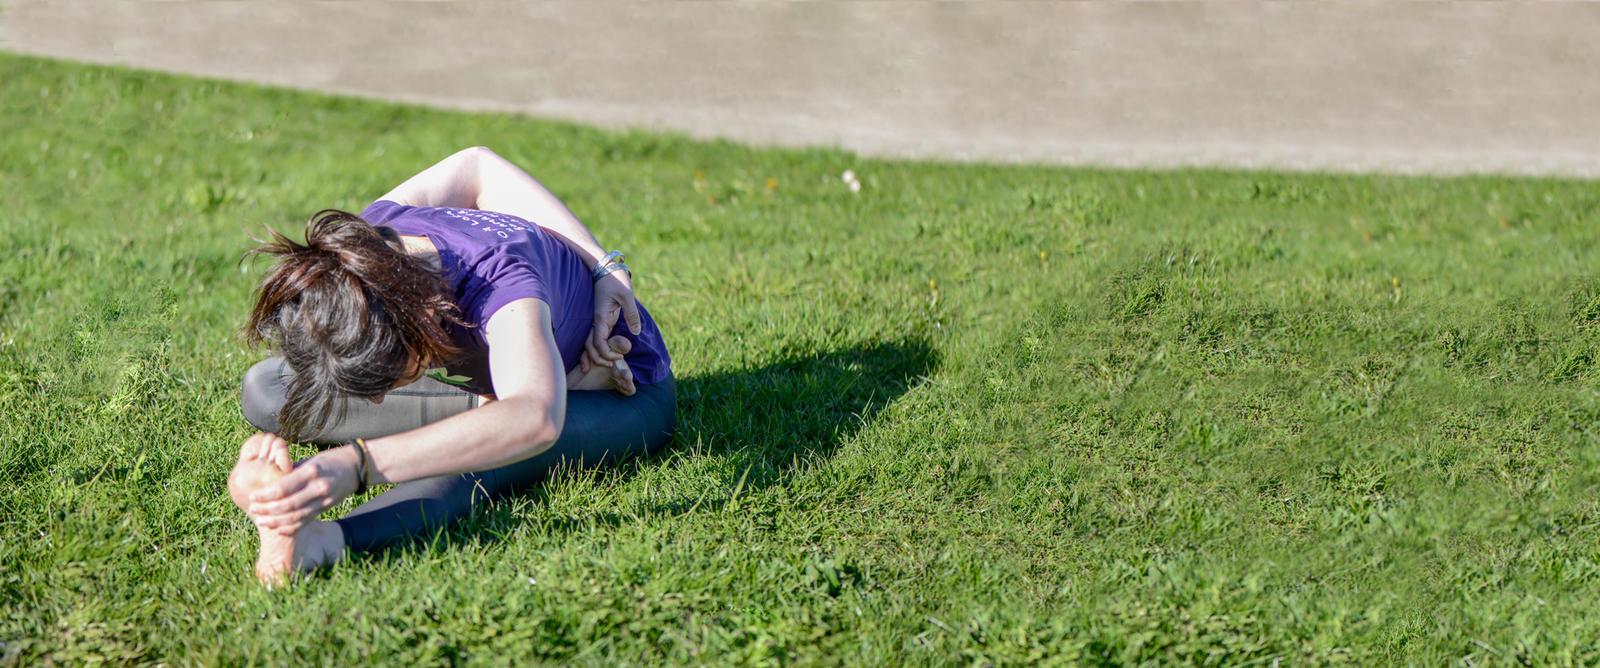 posture-viva-yoga-slider-v2